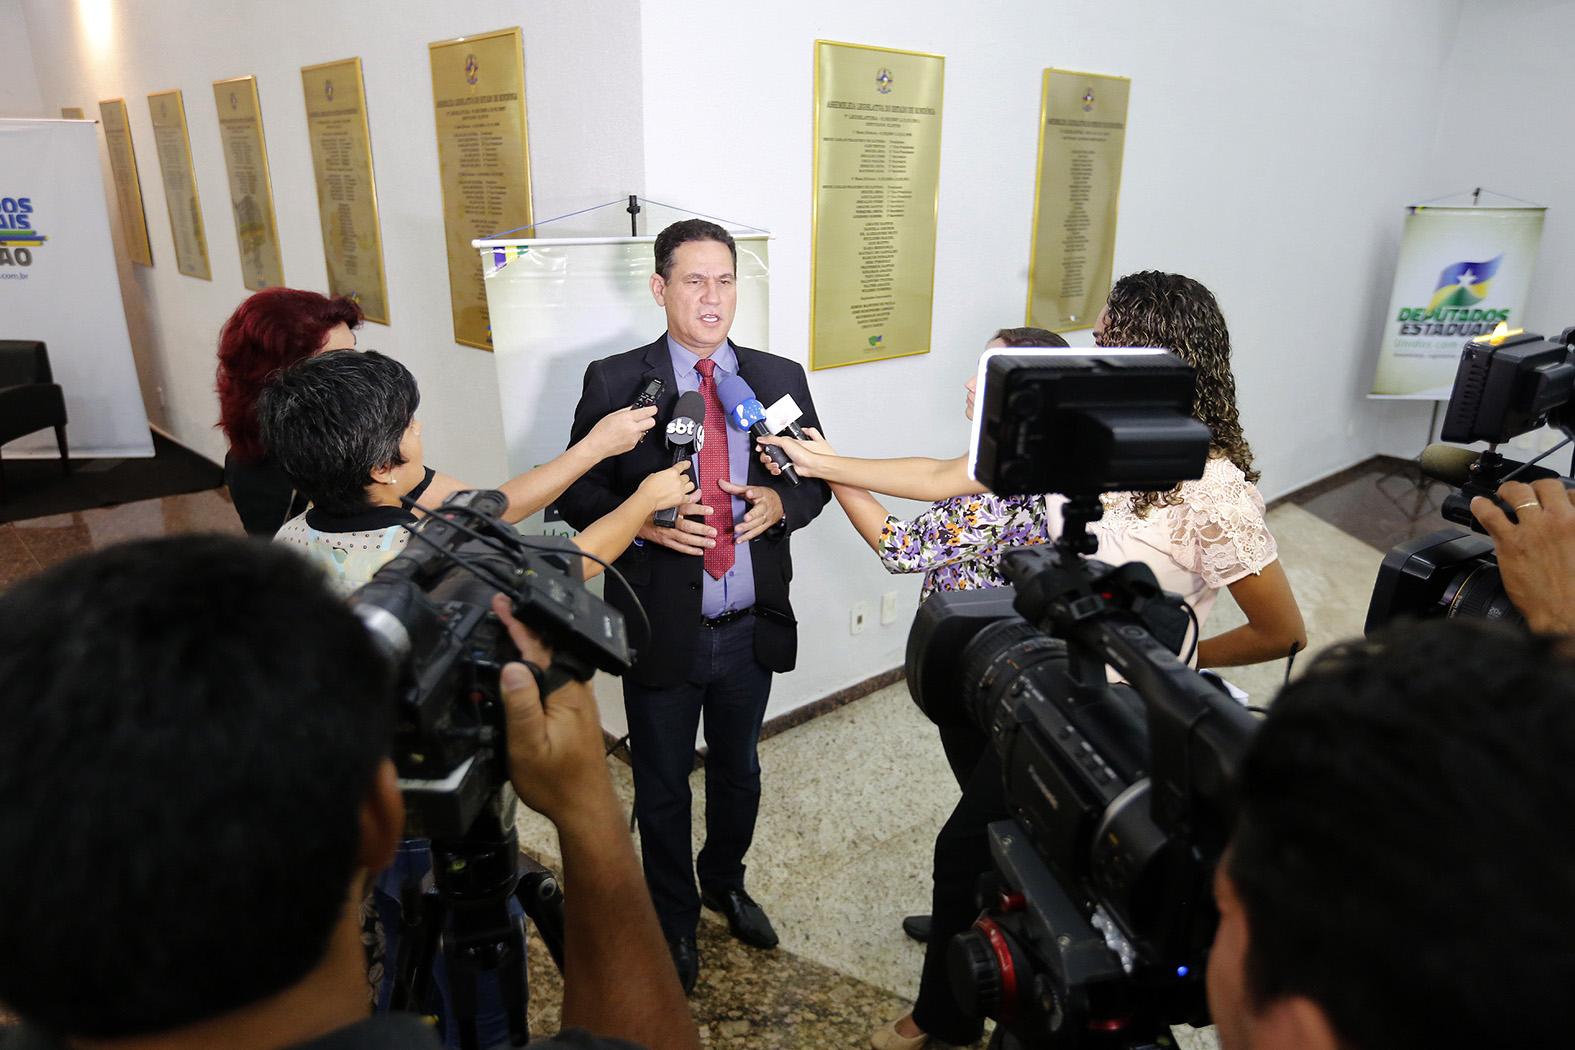 Maur_o-de-Carvalho-apresenta-n_meros-de-economia-para-jornalistas-16Fev16-Foto-Jos_-Hilde-Decom-ALE-RO-1.jpg